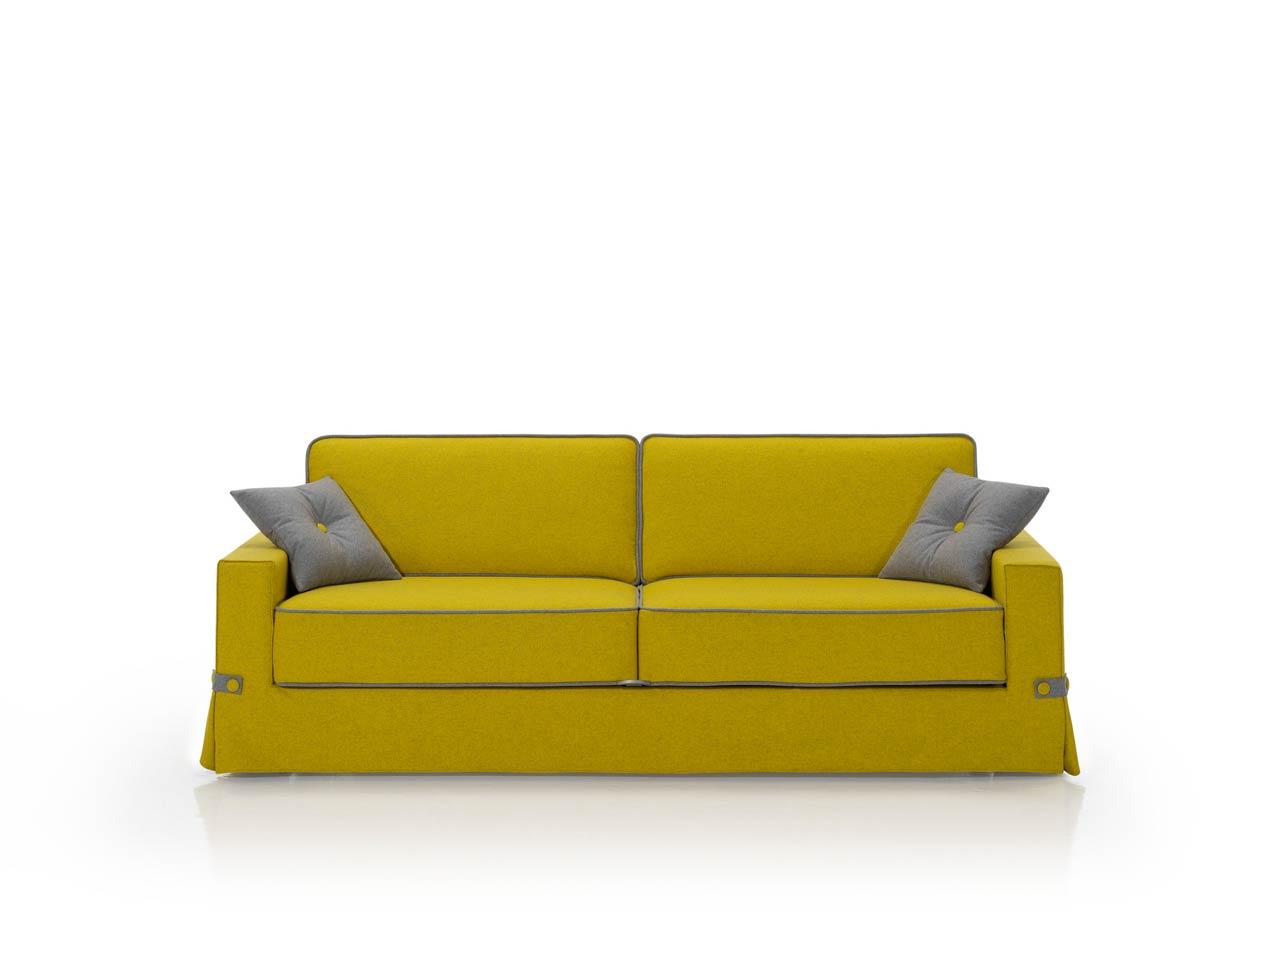 Comprar sofas cama nido for Sofa cama nido 1 plaza